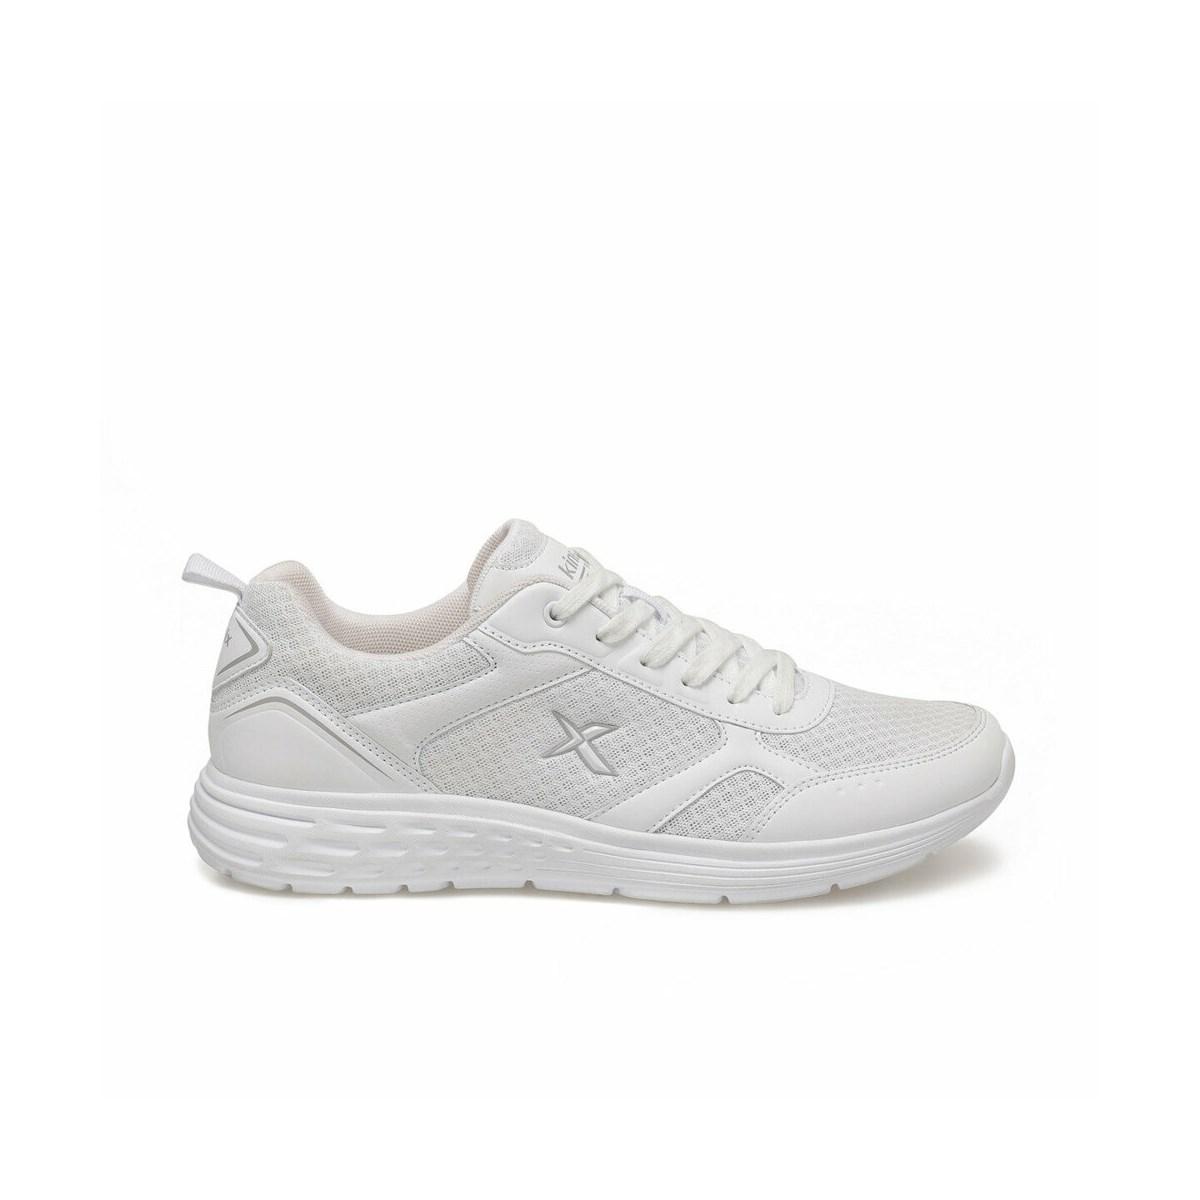 APEX Beyaz Erkek Koşu Ayakkabısı